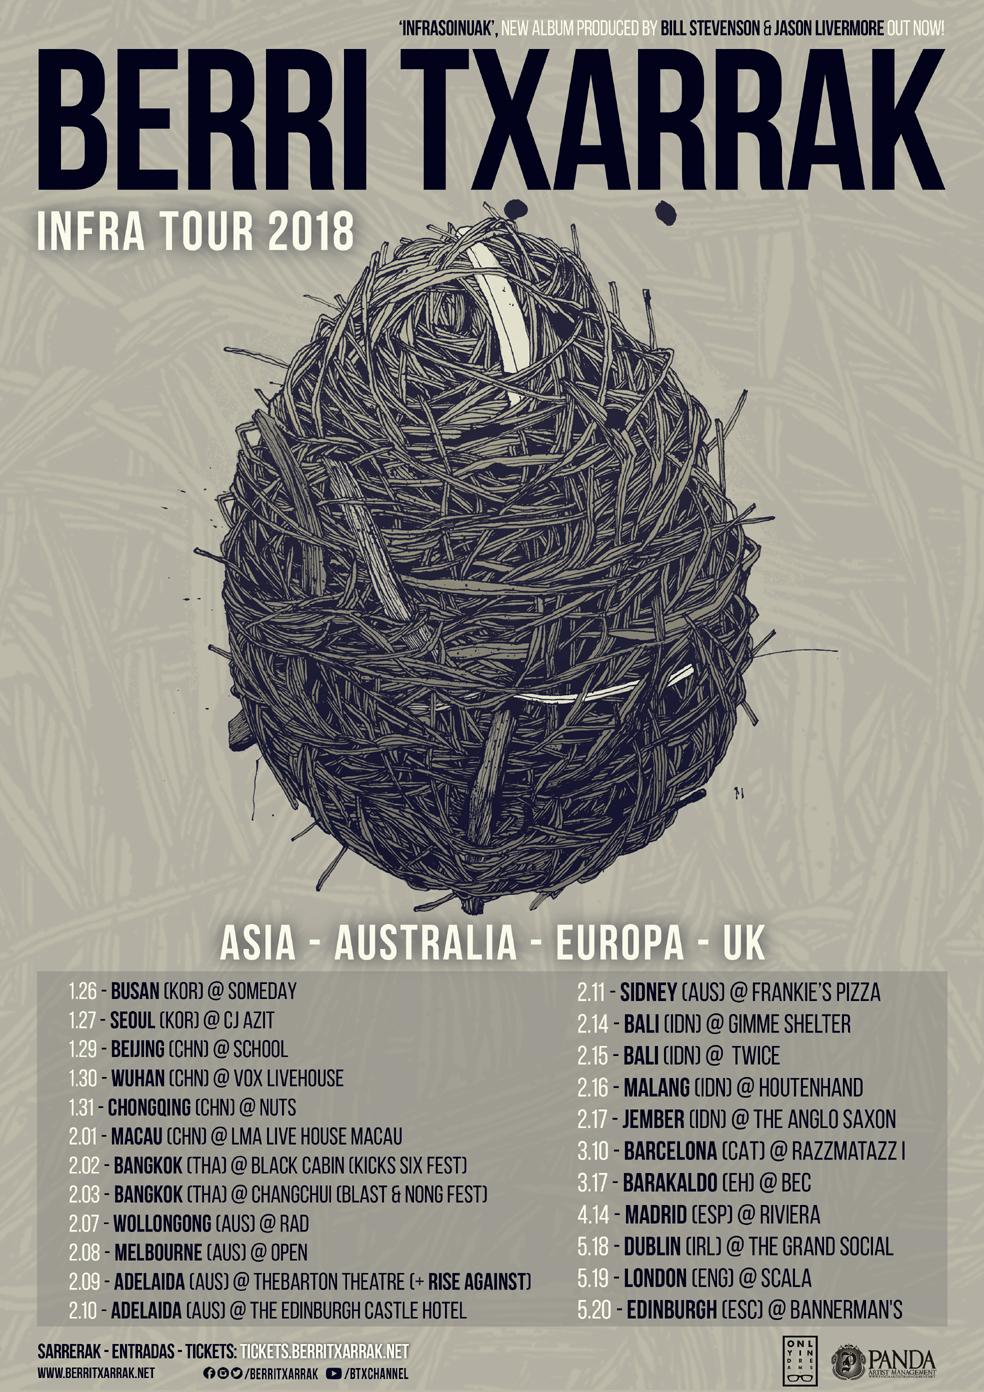 'INFRA TOUR 2018': ASIA / AUSTRALIA / EUROPA / UK